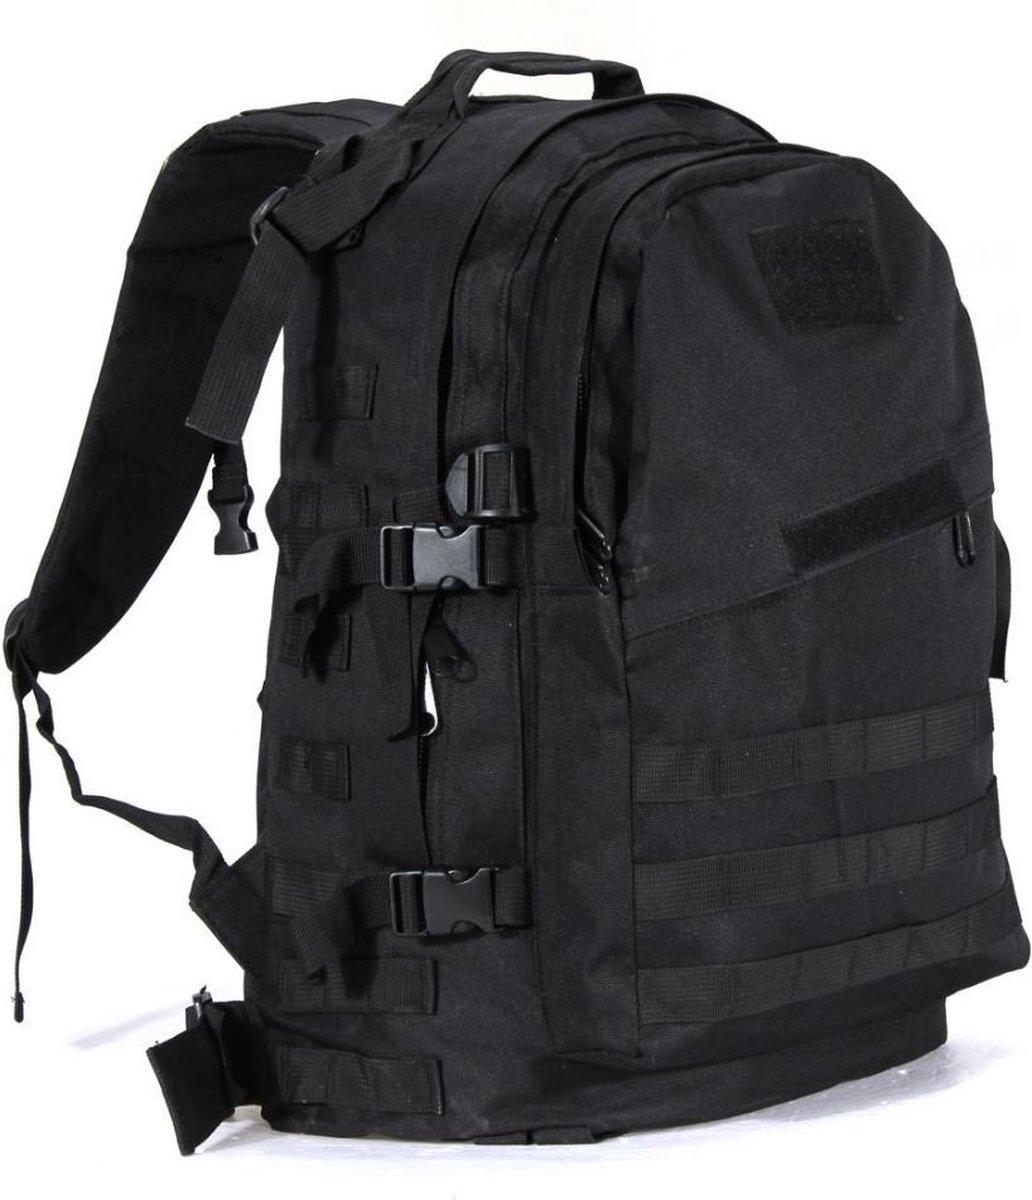 Backpack - Militair Tactisch - Zwart - Wandelrugzak - Rugtas - Rugzak - 55 Liter